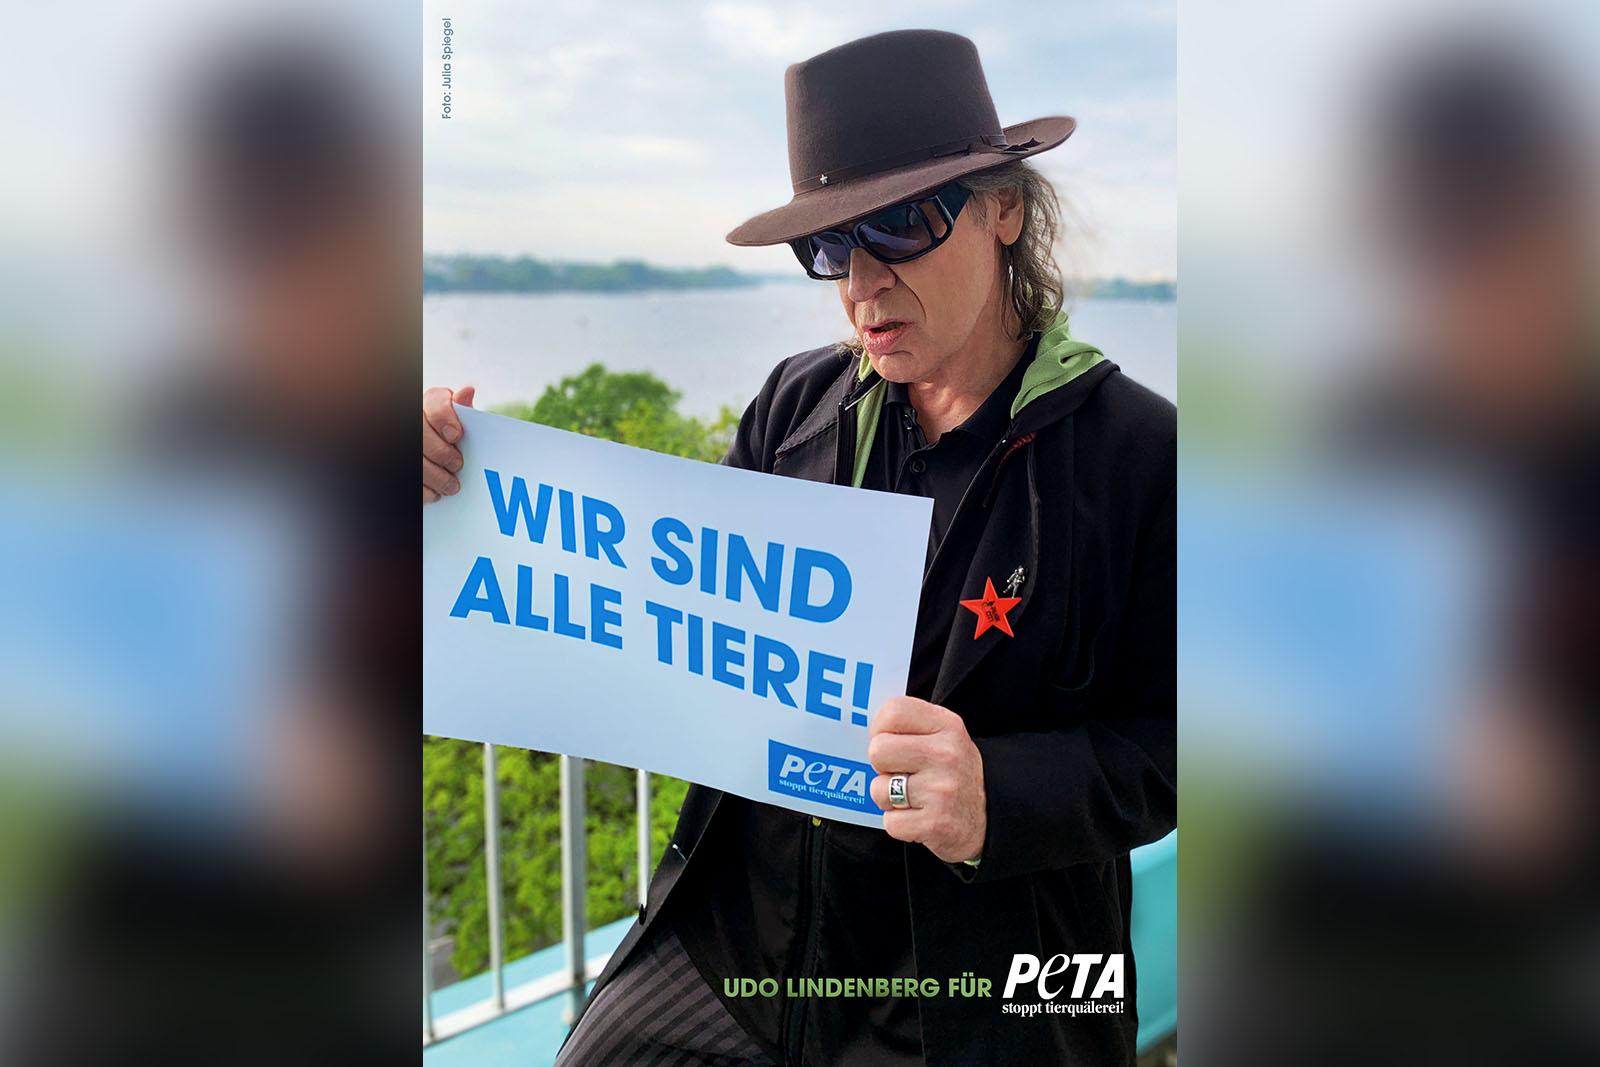 """Udo Lindenberg für PETA: """"Wir sind alle Tiere"""""""